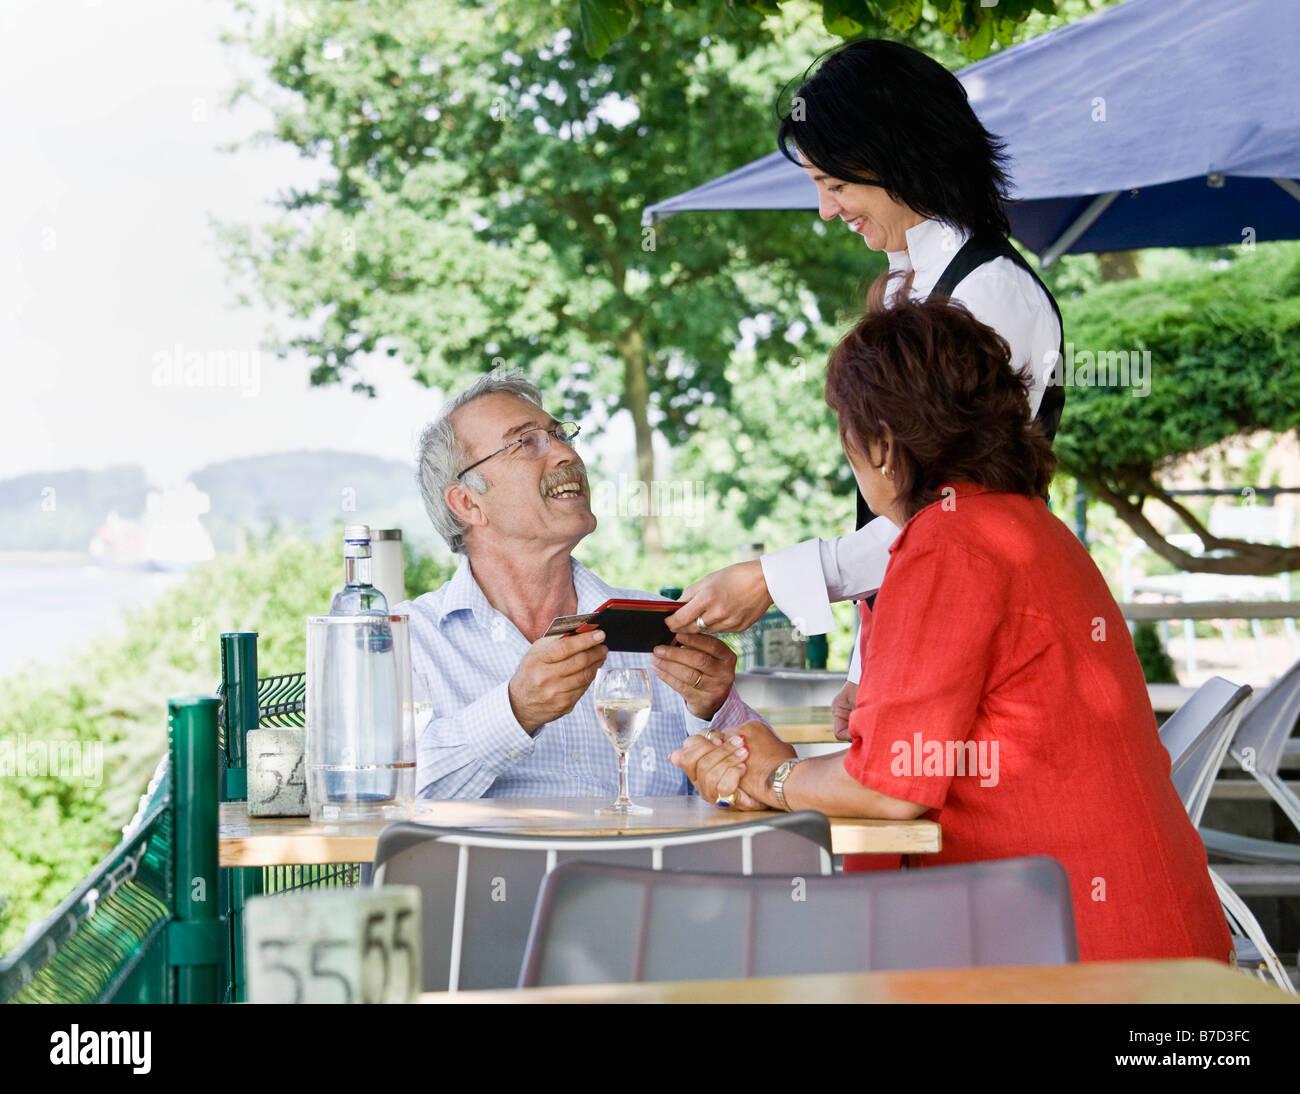 Serveuse ce qui porte le projet de loi à la table Photo Stock